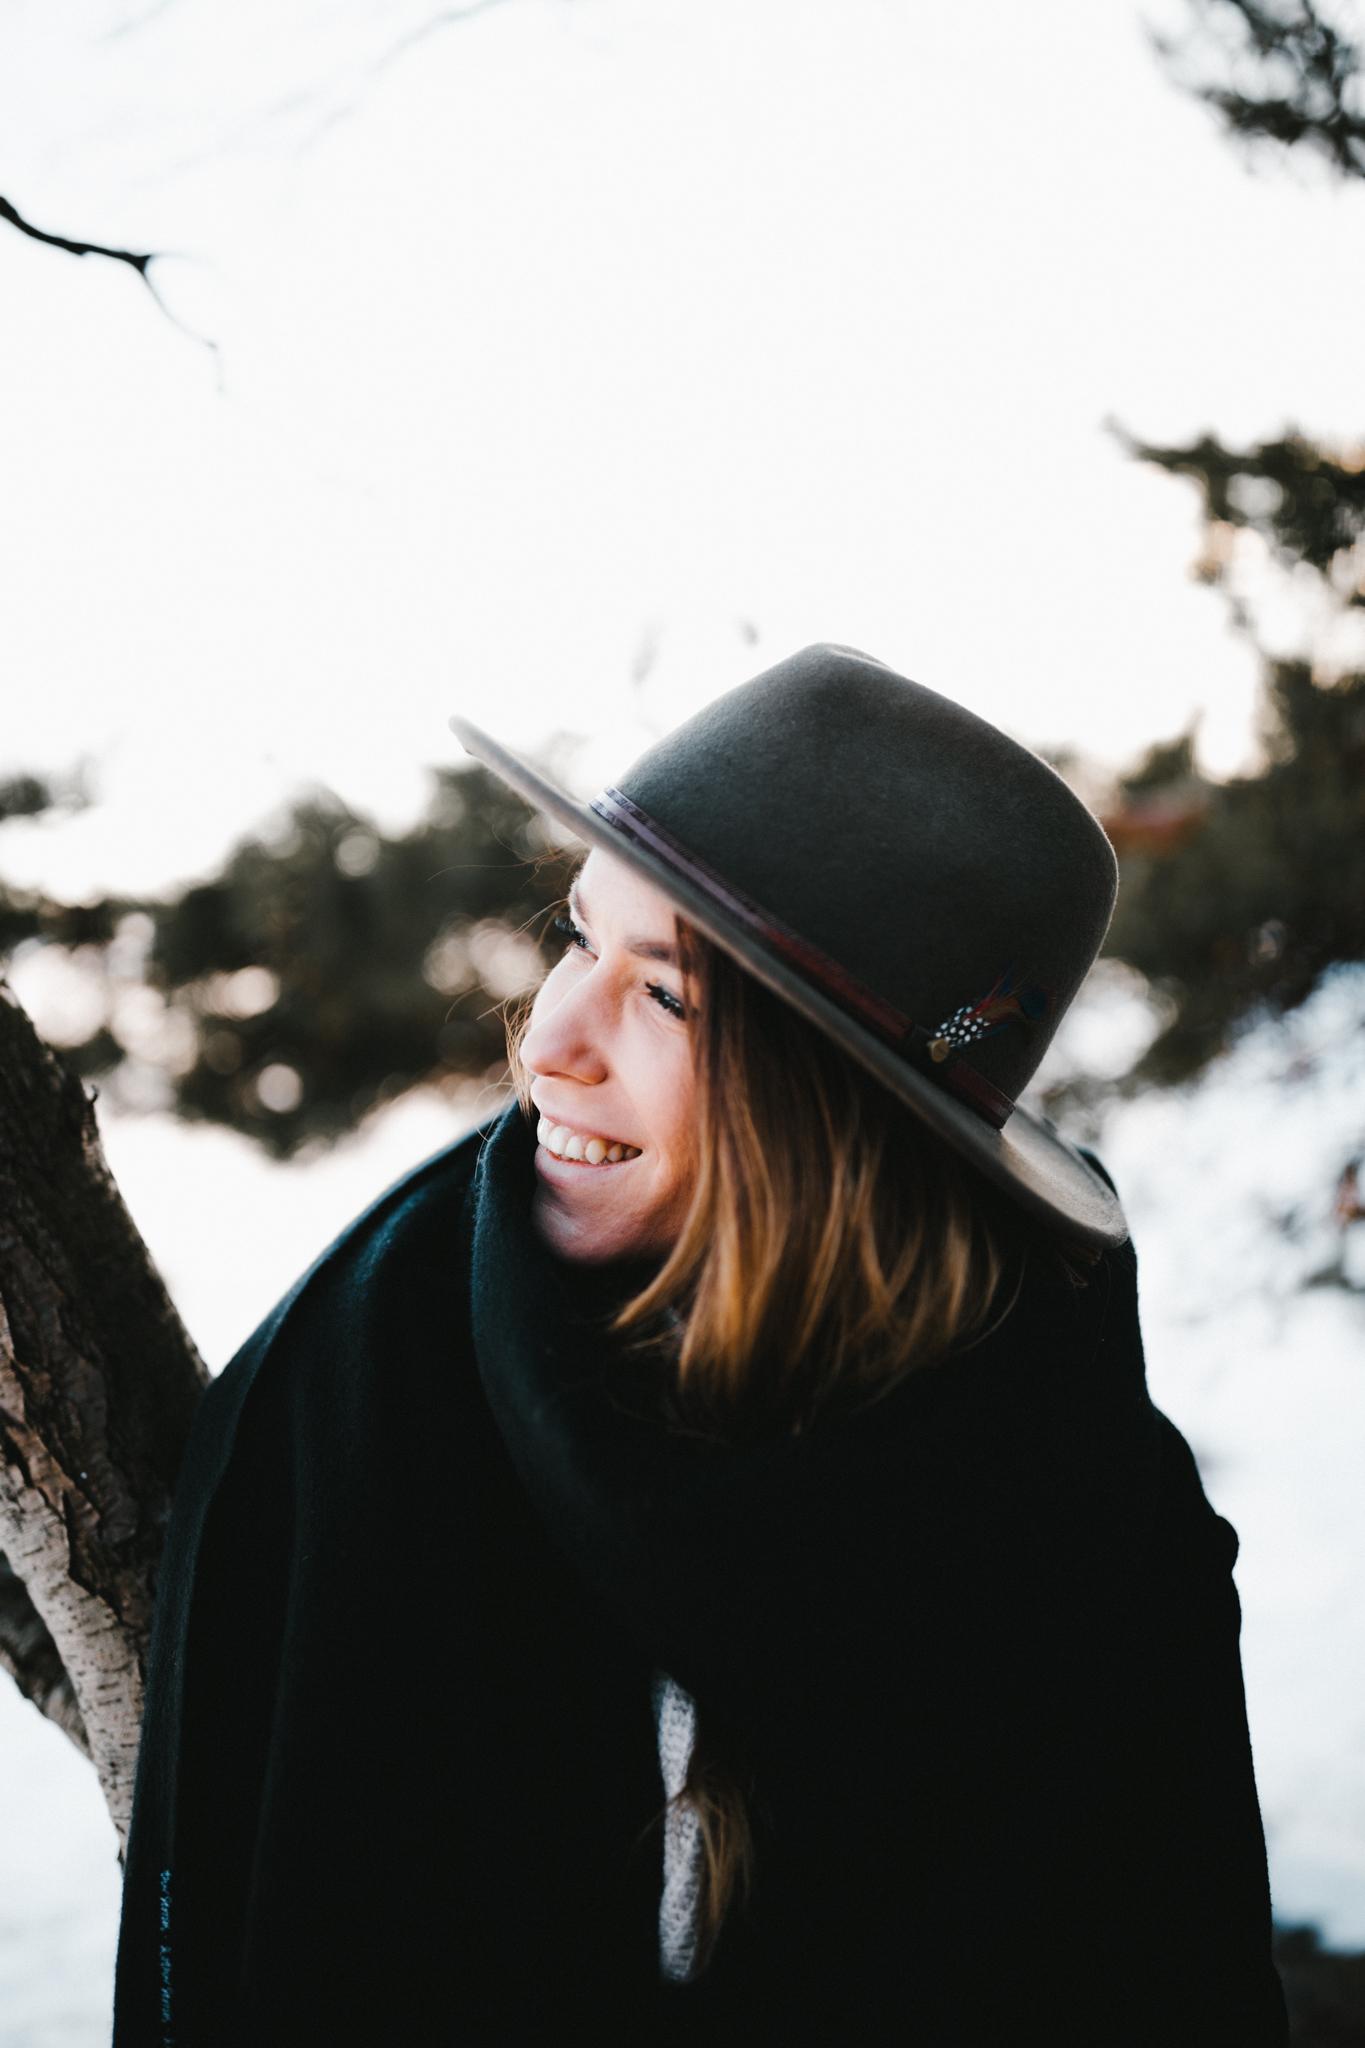 Julia Toivola -- Photos by Patrick Karkkolainen Photographer-82.jpg